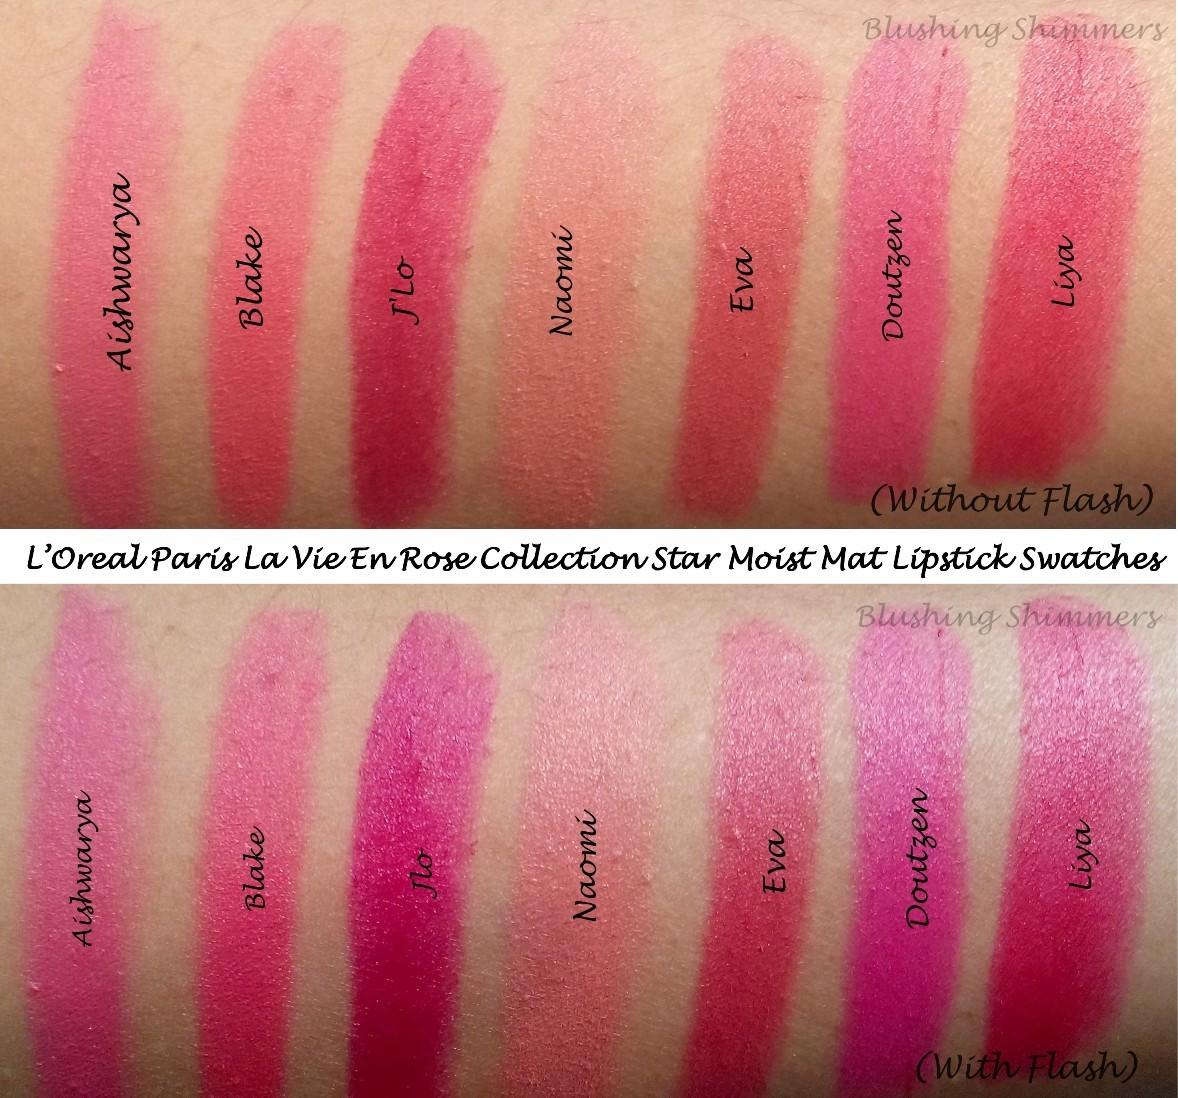 L'Oreal Paris La Vie En Rose Collection Lipstick Swatches